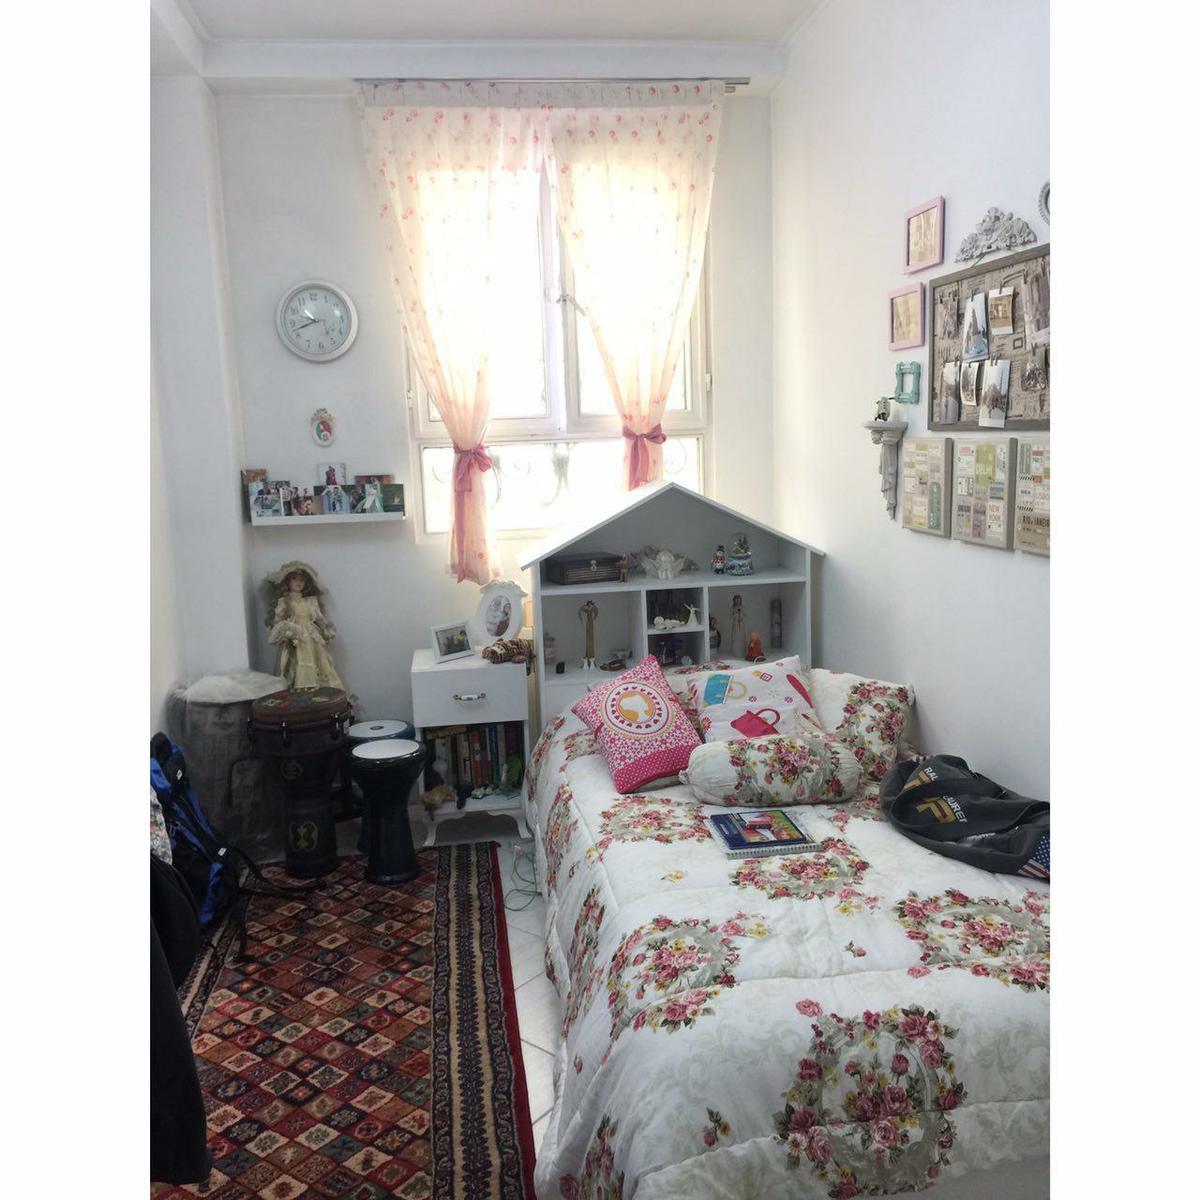 آپارتمان مبله اجاره ای در تهران LA5021 | ارازن جا